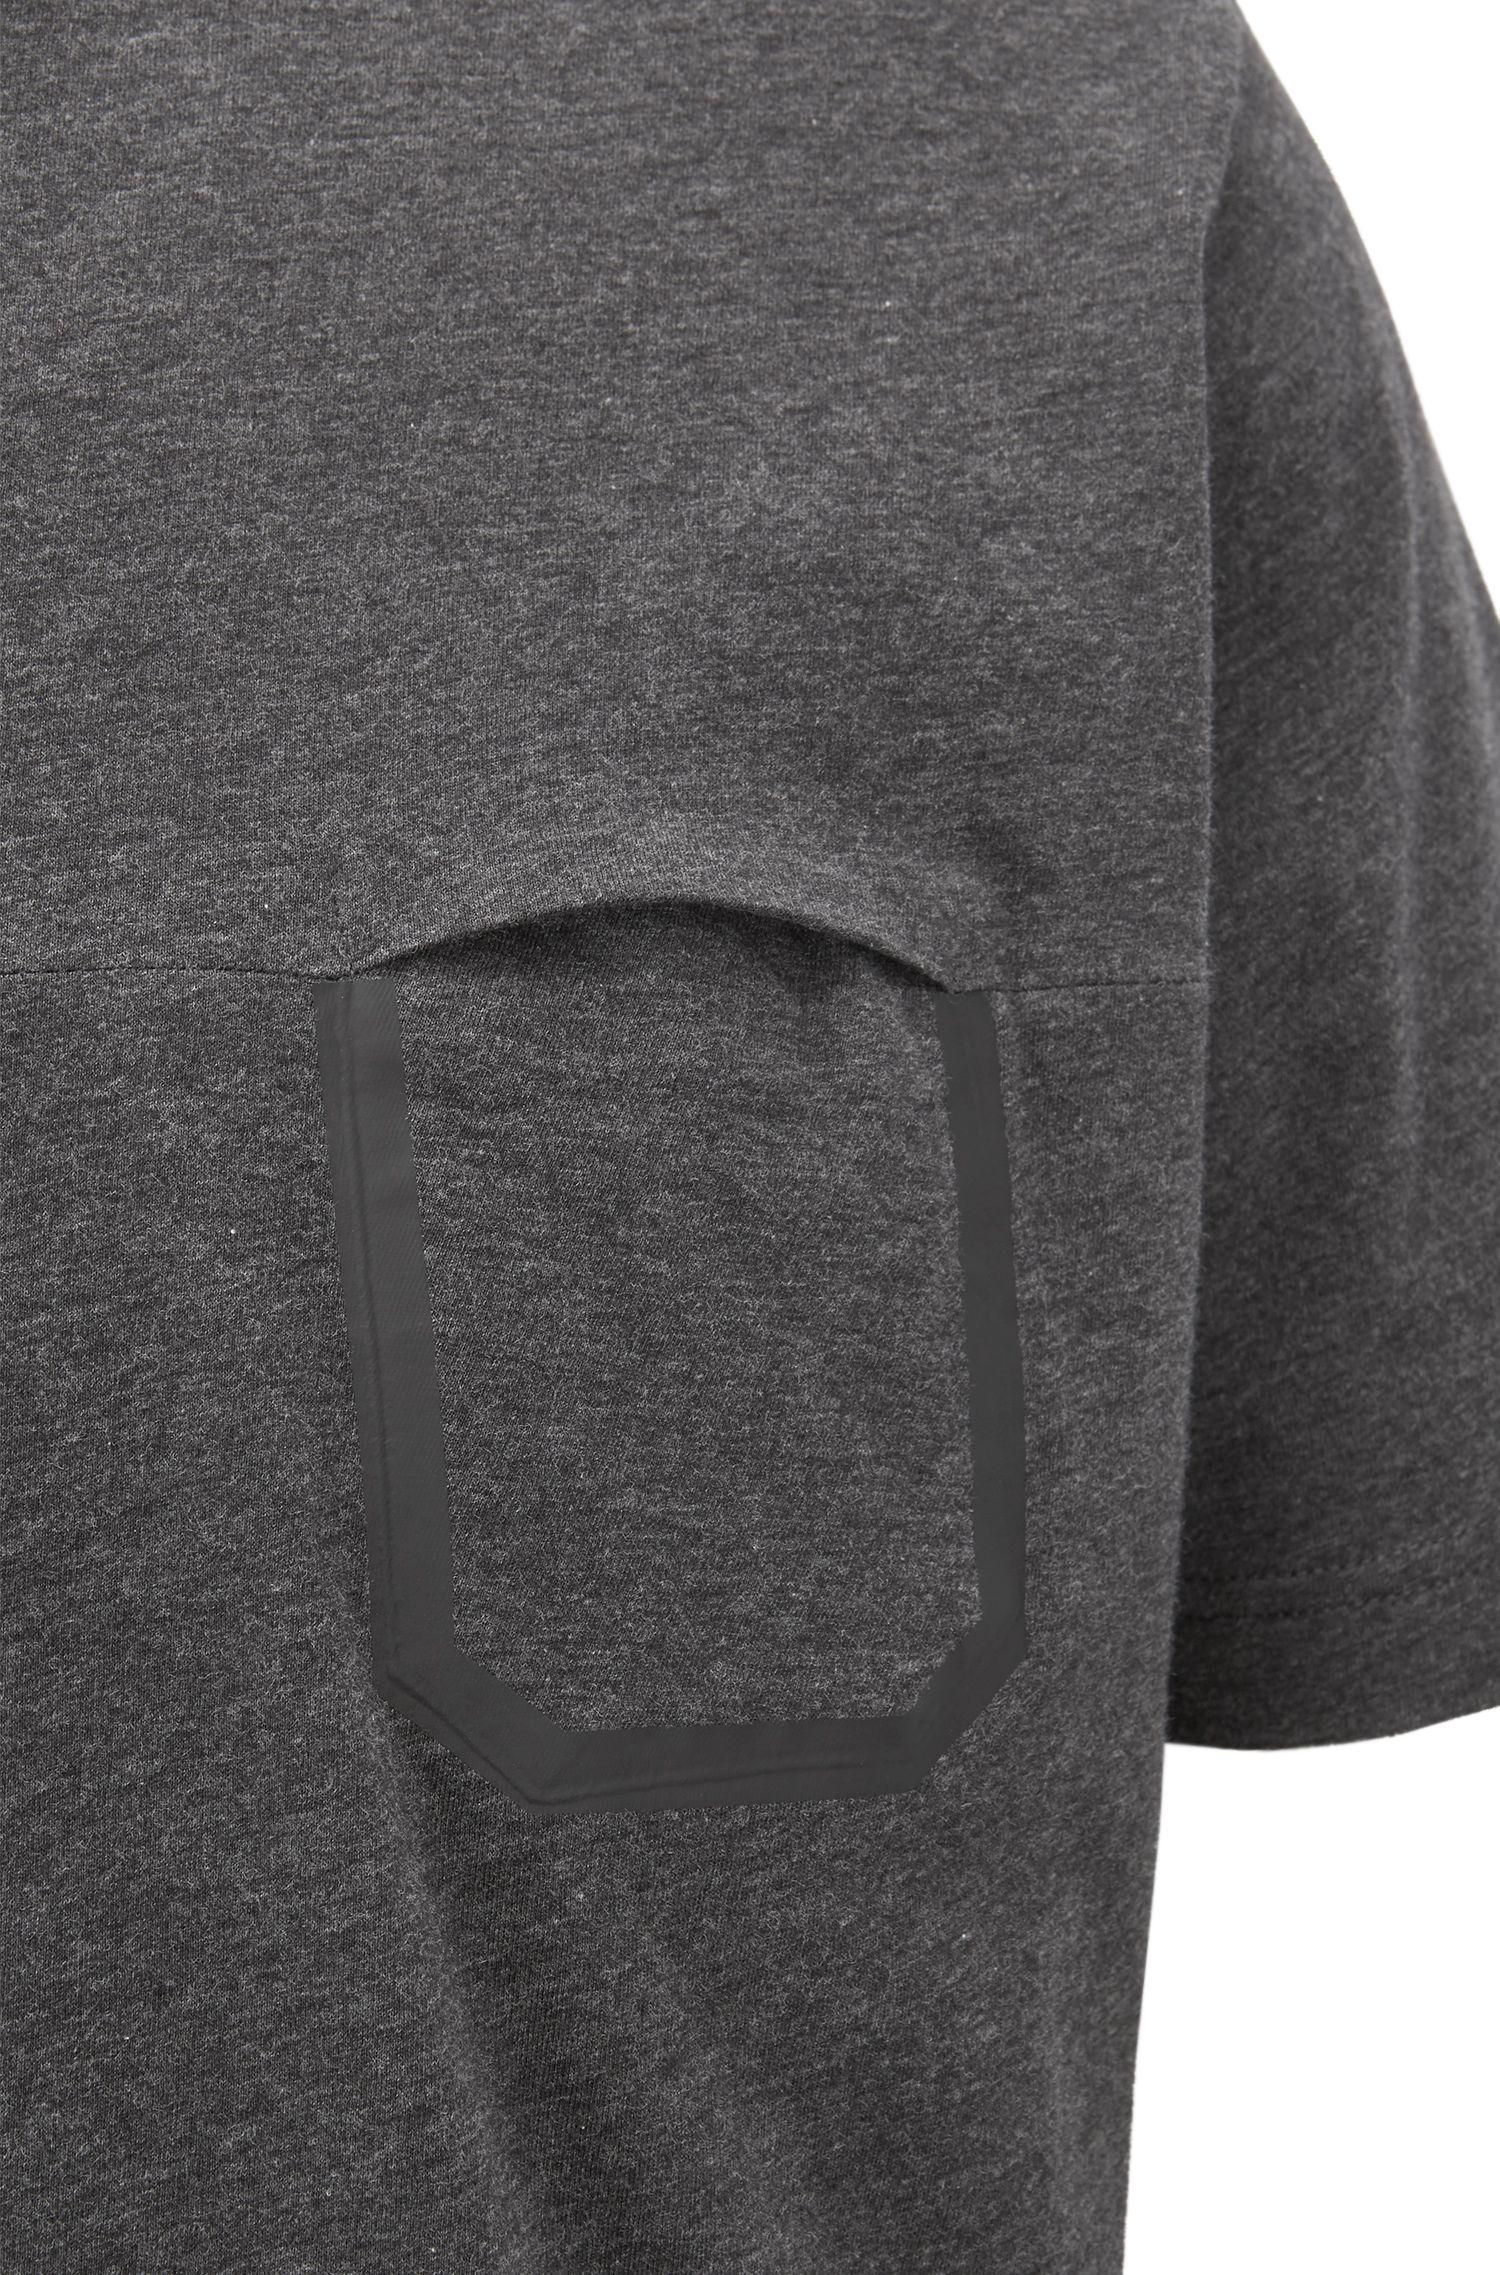 Melange cotton T-shirt with pocket detail, Black